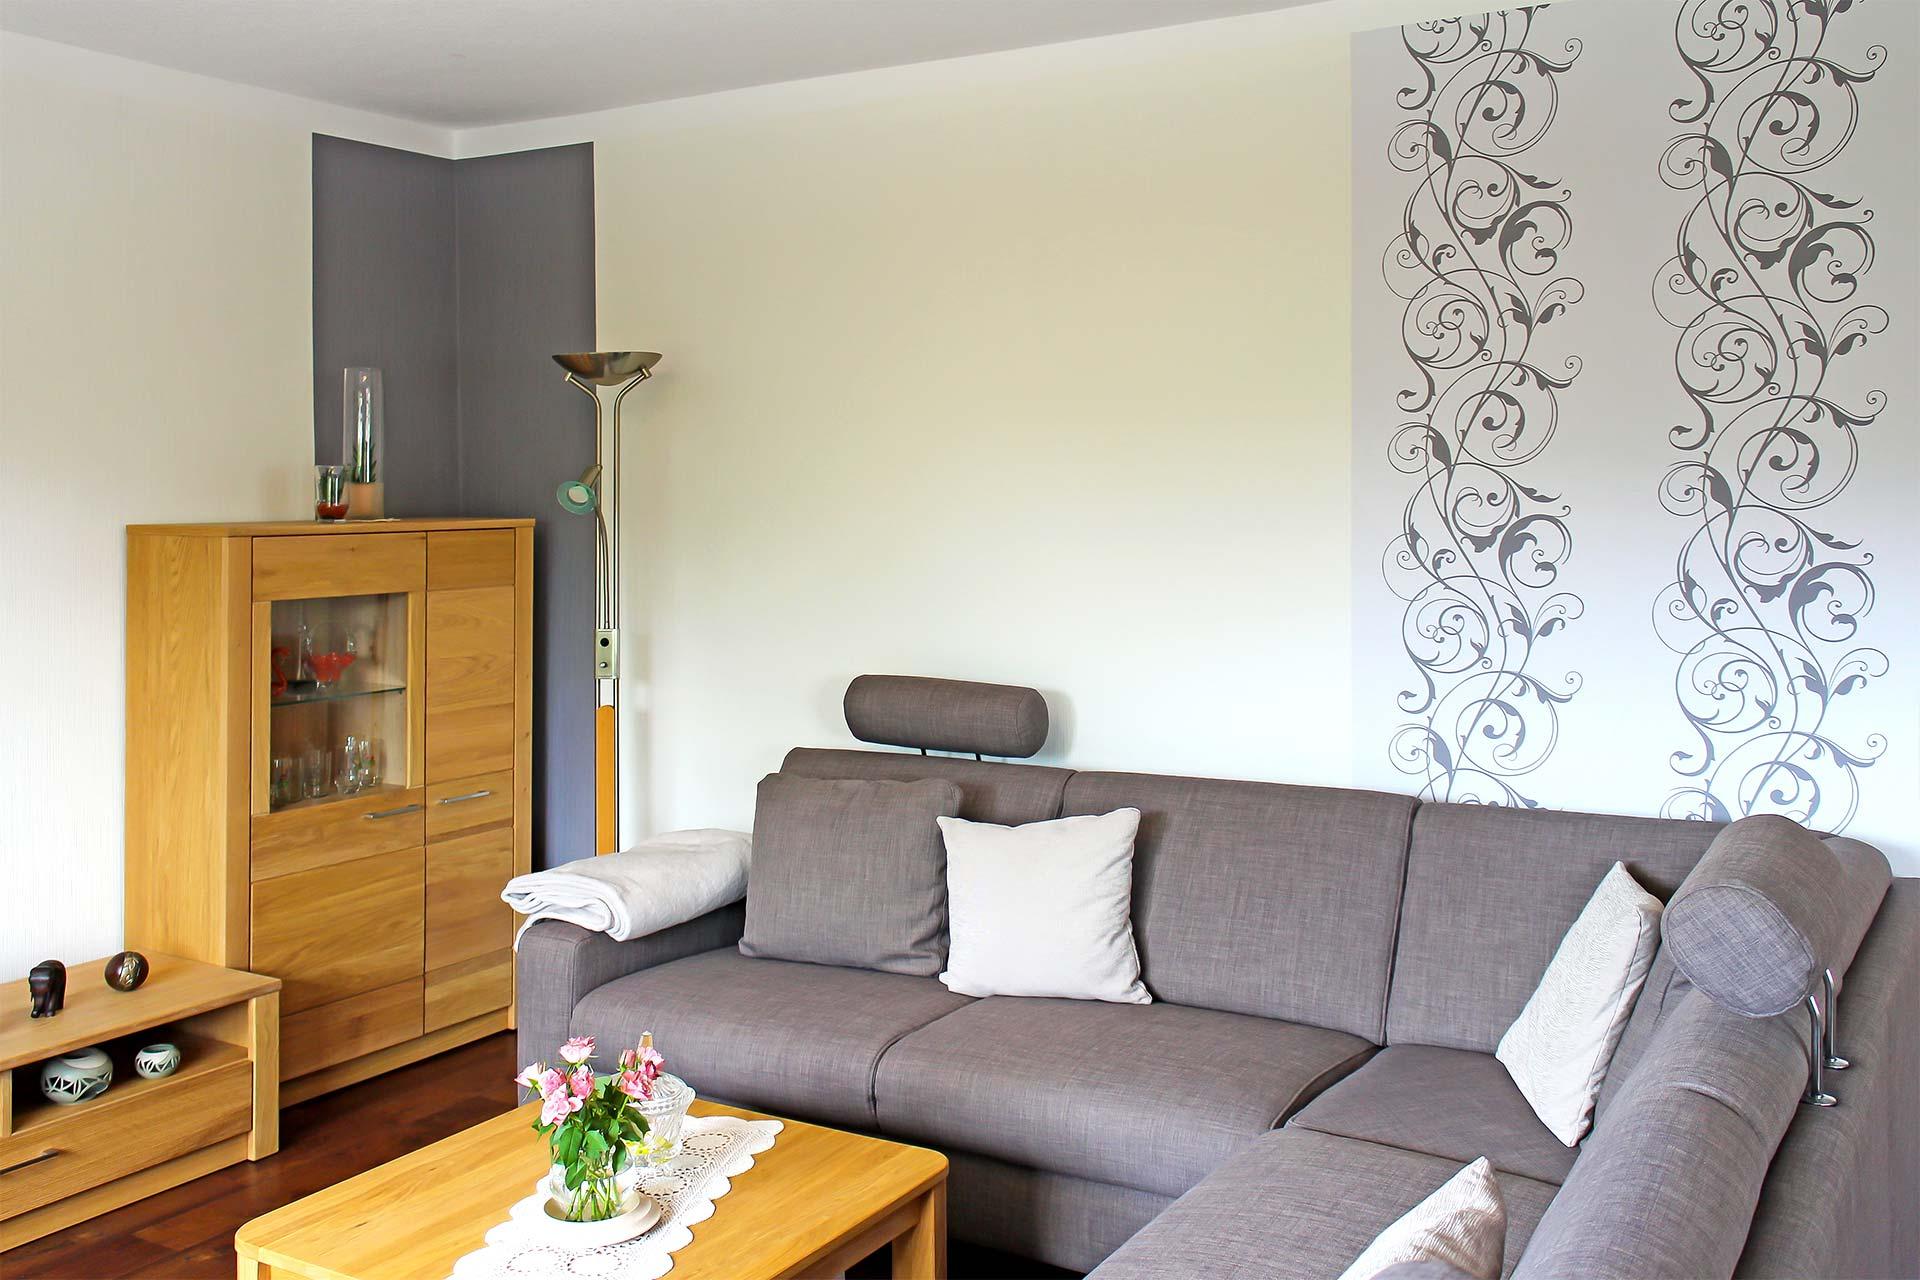 Champagnerfarbene Wand mit grauen Streifenelementen sowie dekorativem Muster